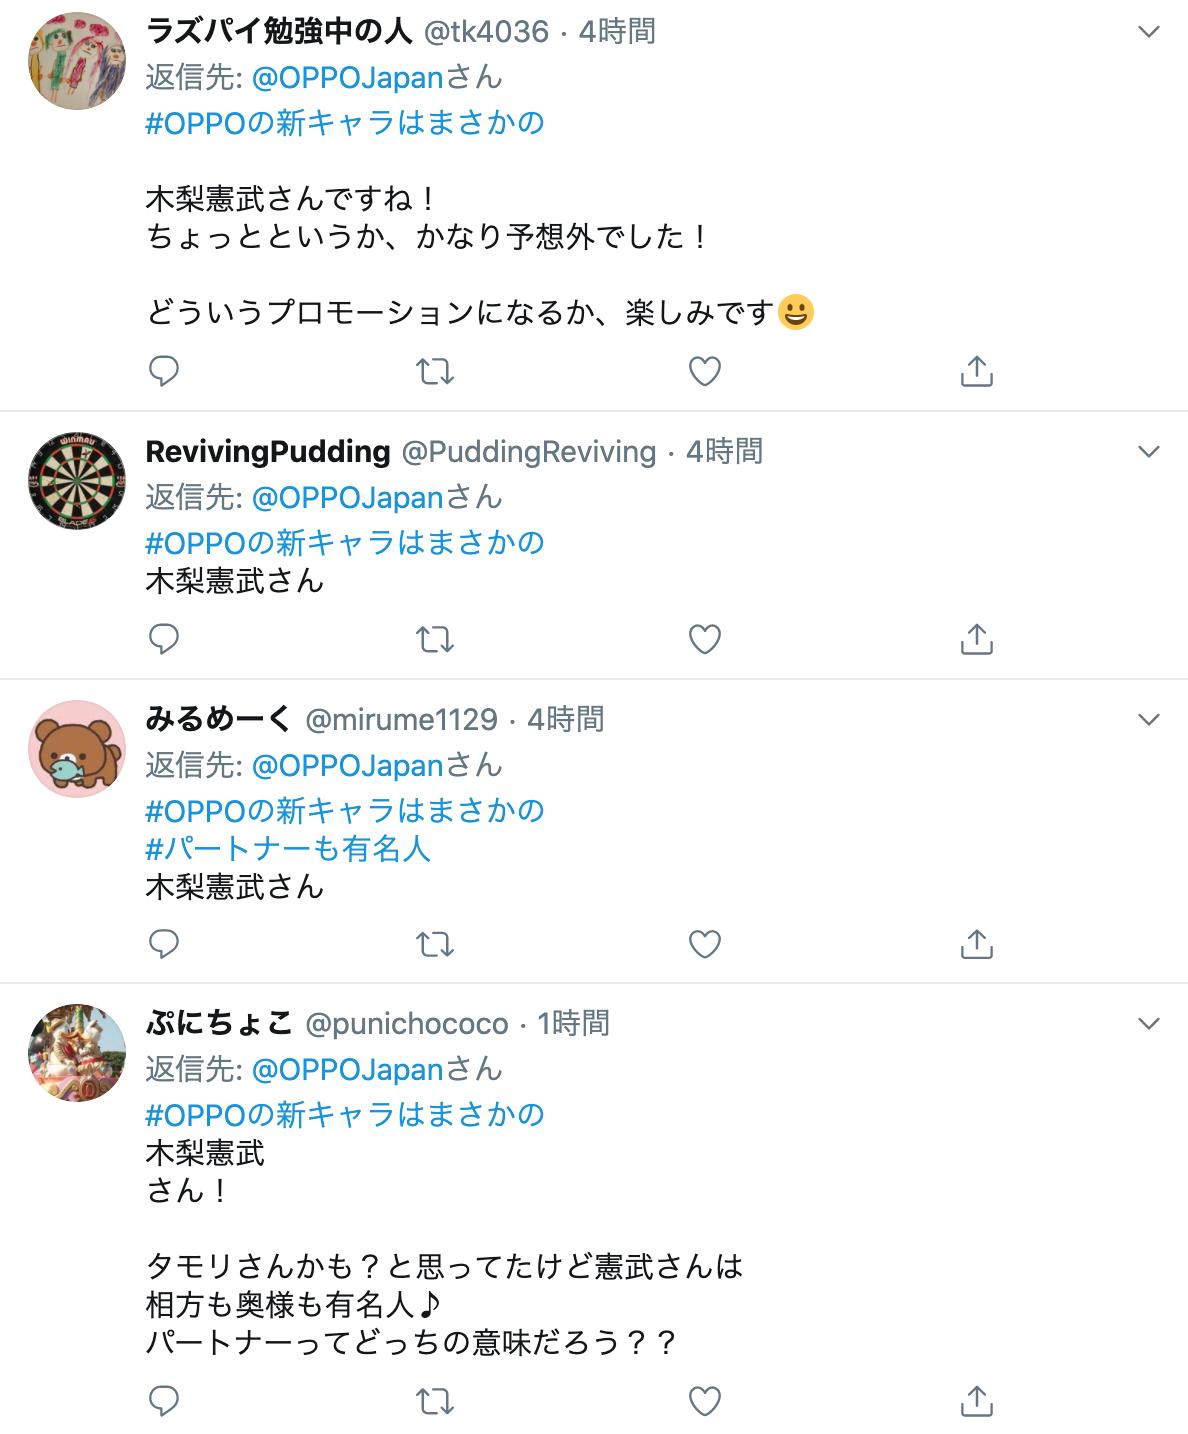 f:id:Azusa_Hirano:20200717150516p:plain